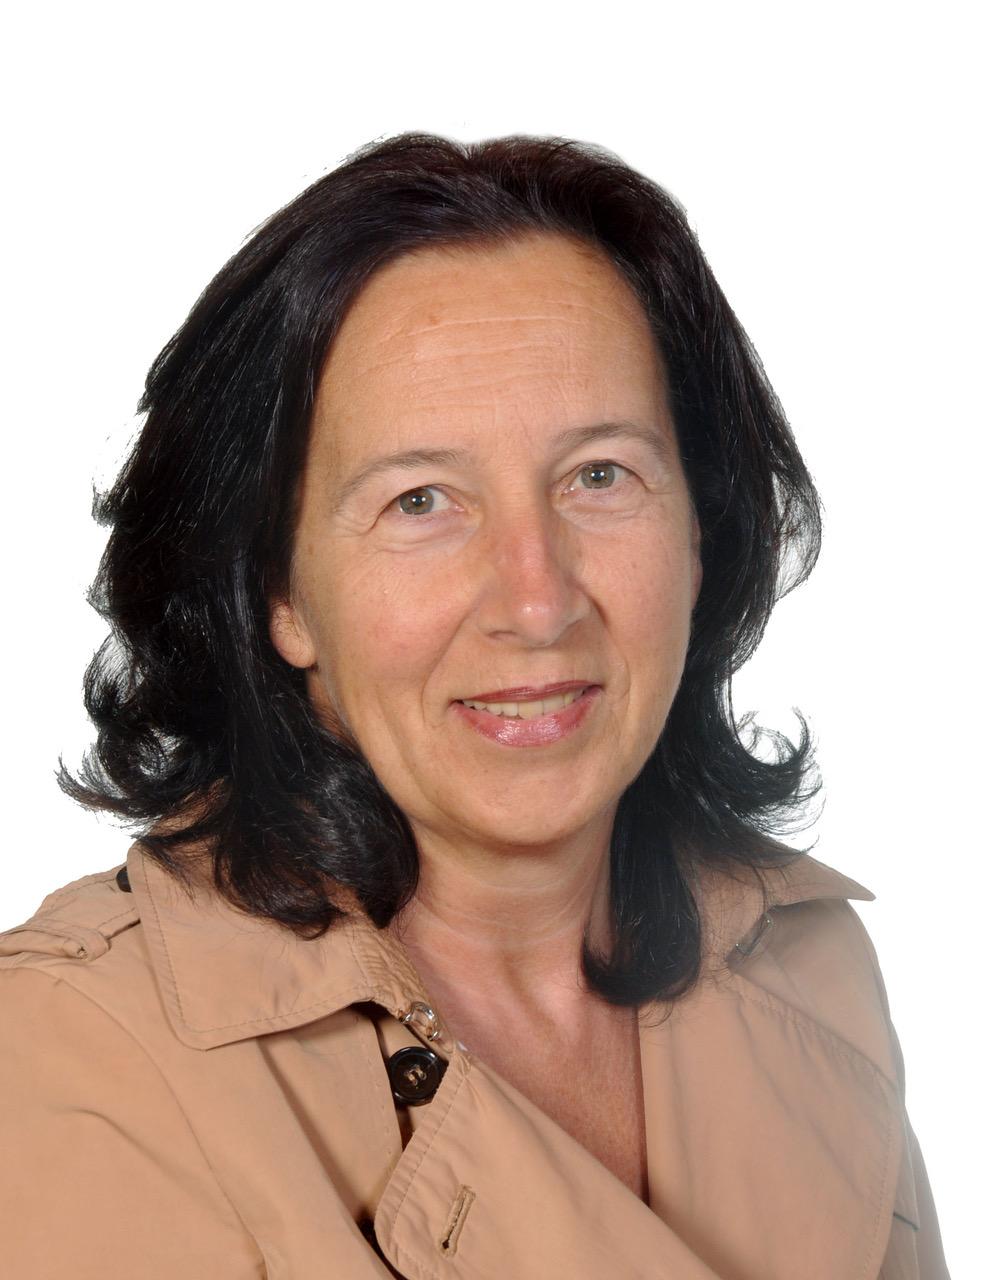 Johanna Notdurfter